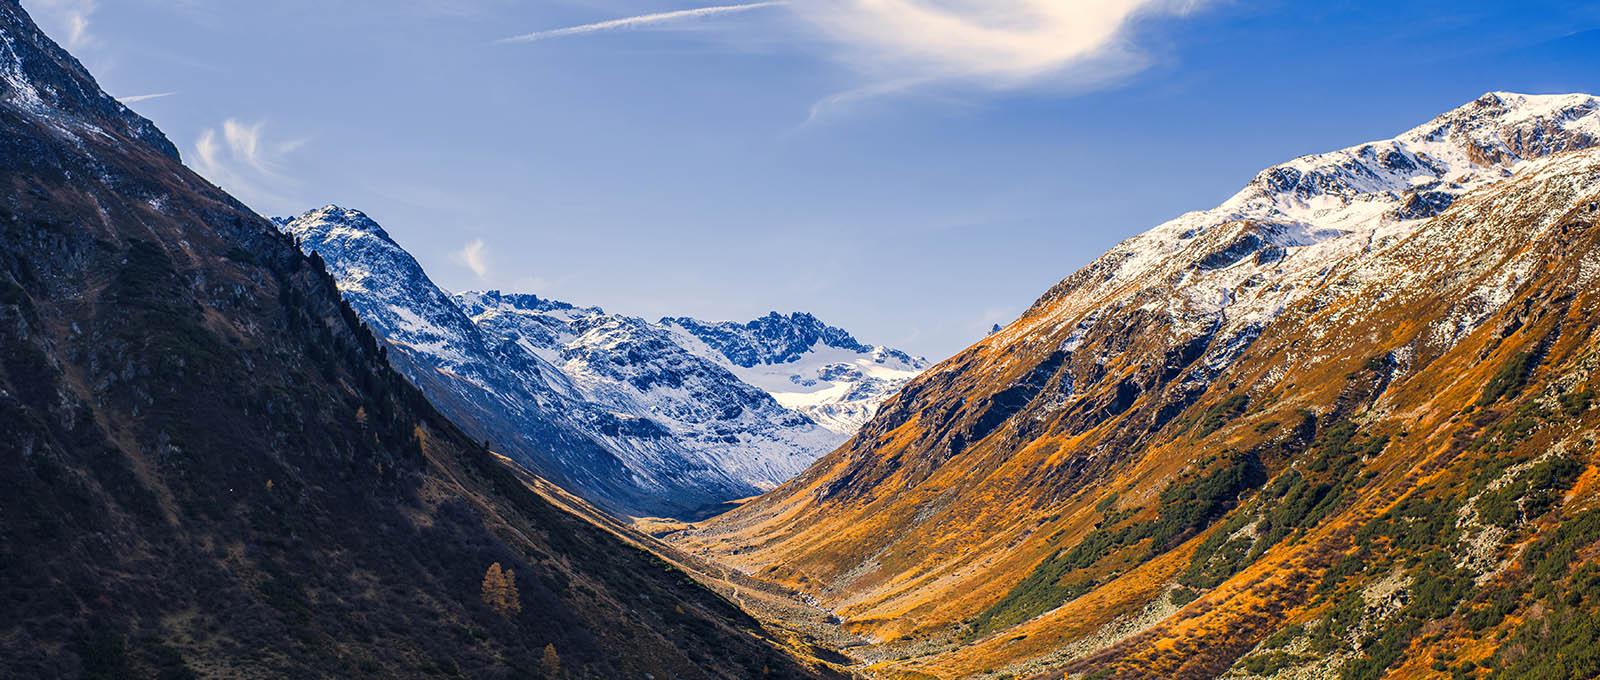 Vyrážíme vstříc šampaňskému klimatu švýcarského kantonu Graubünden